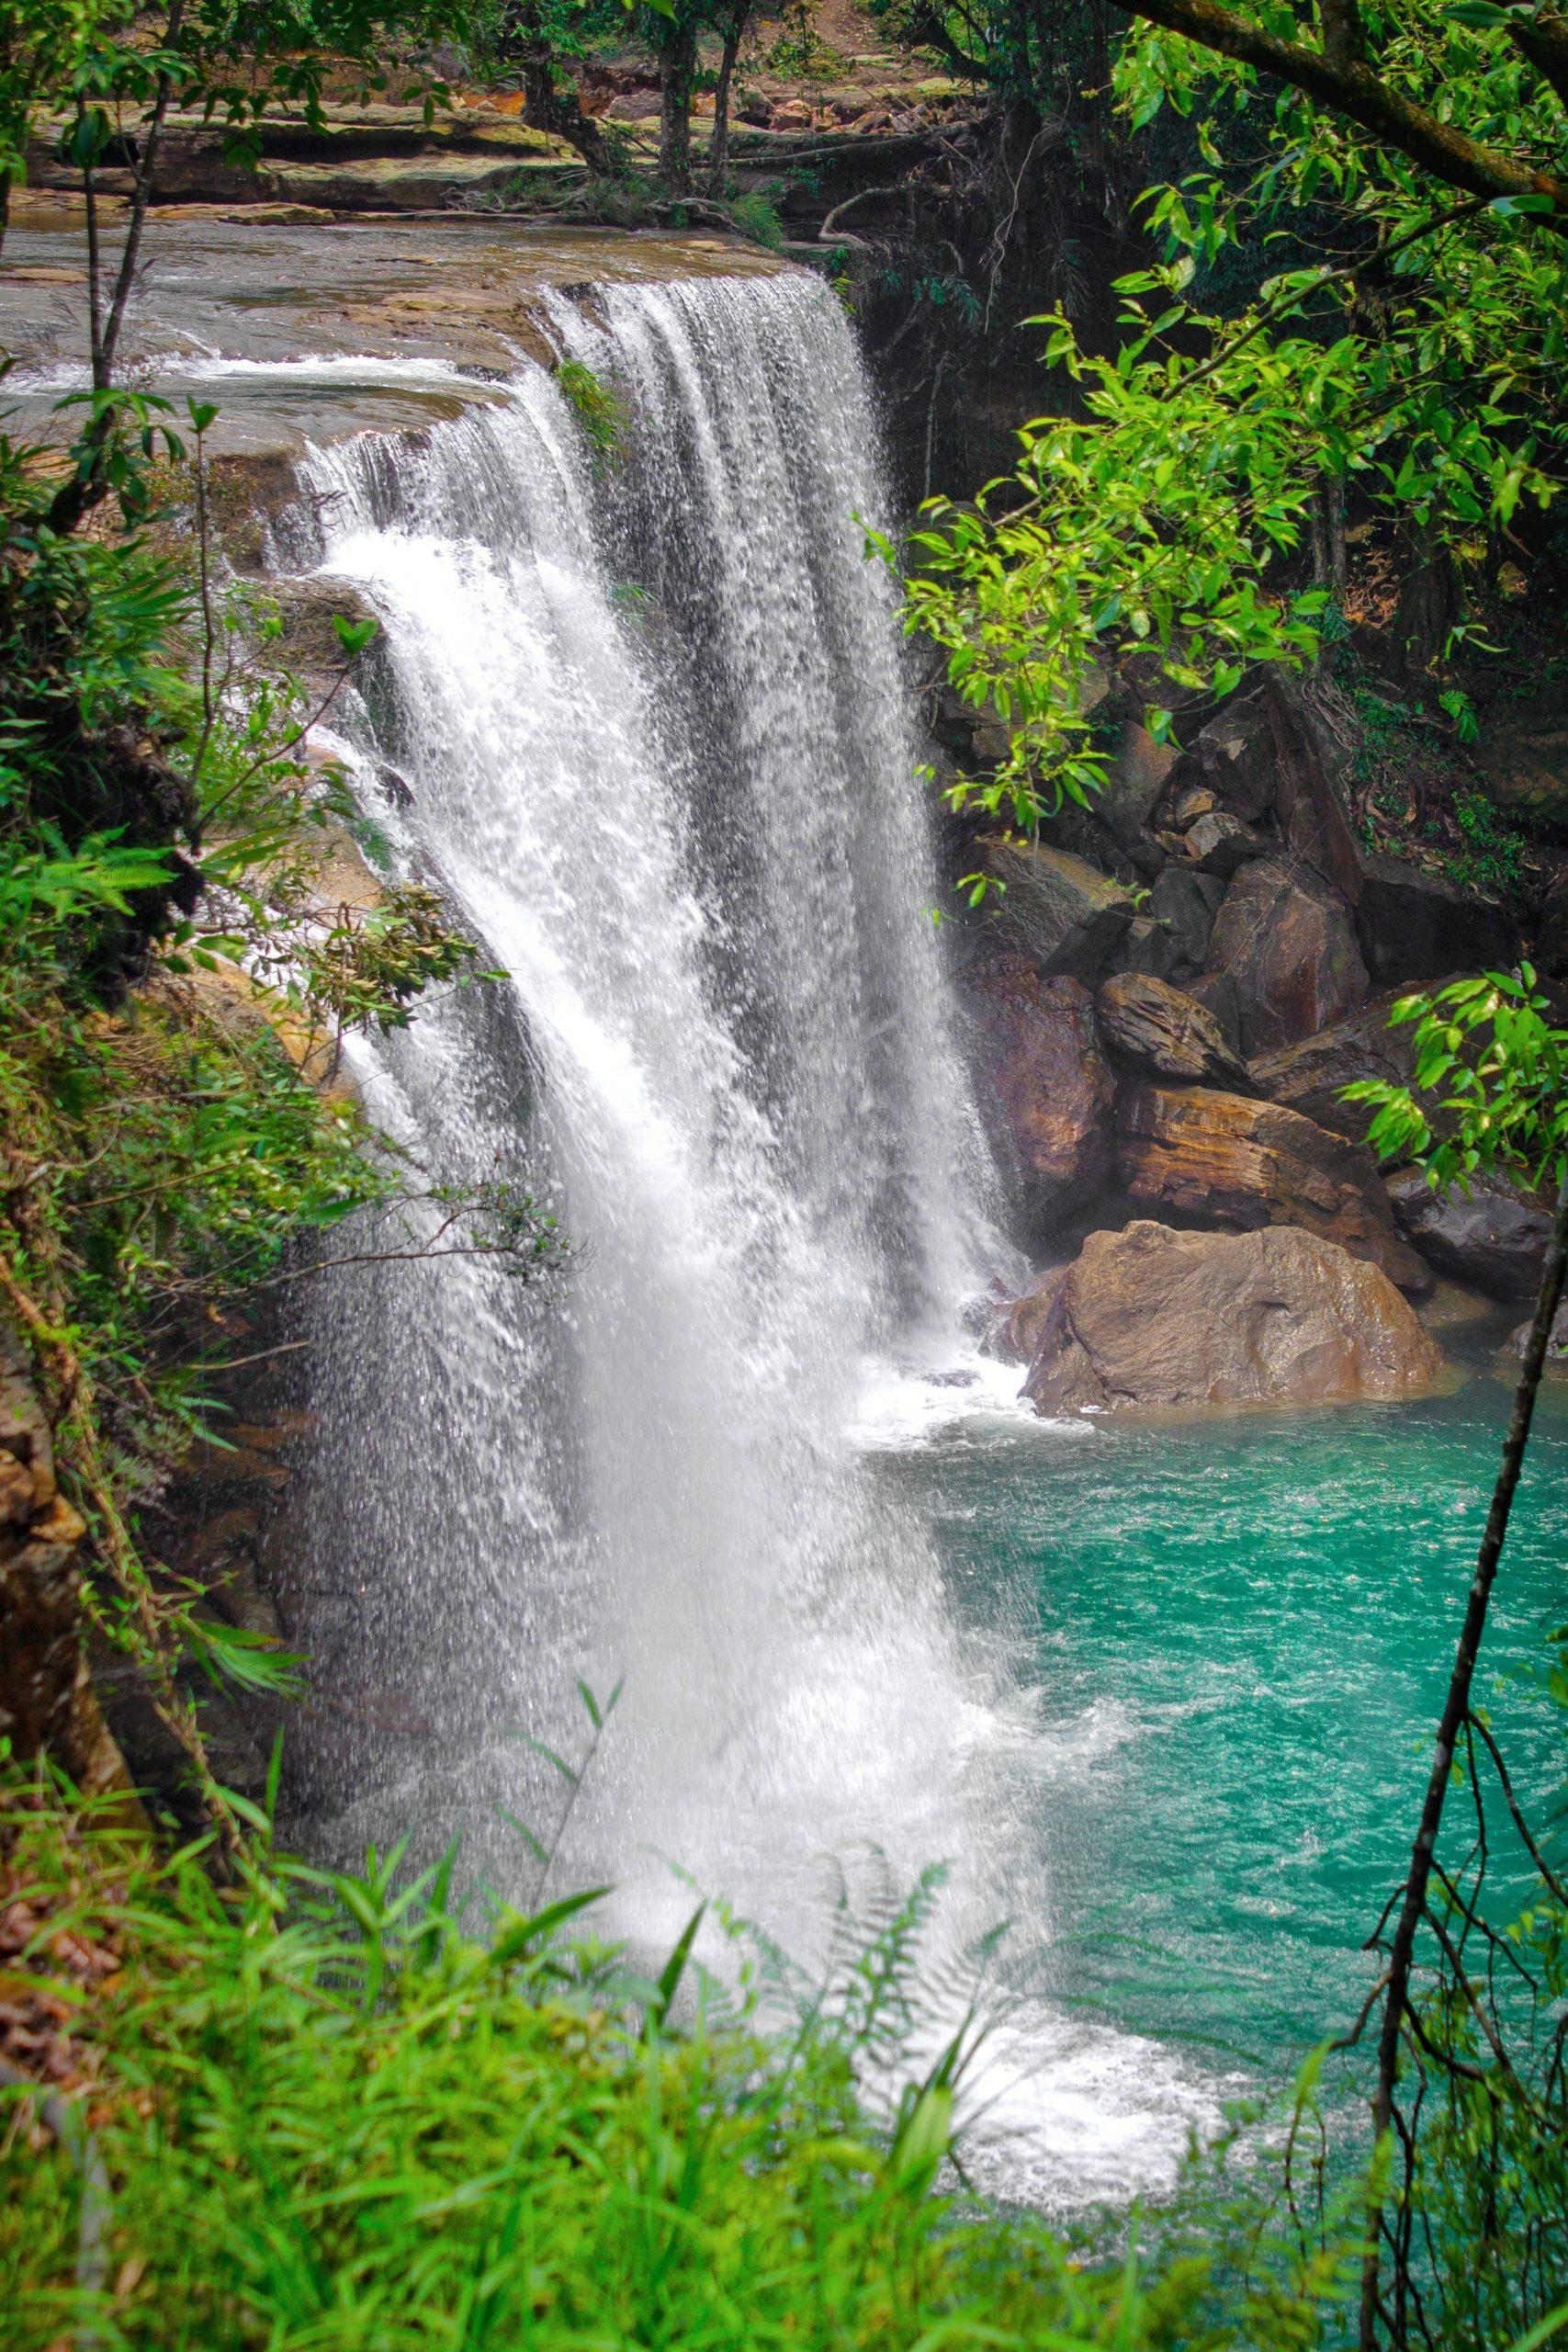 Krangshuri Waterfalls in Meghalaya